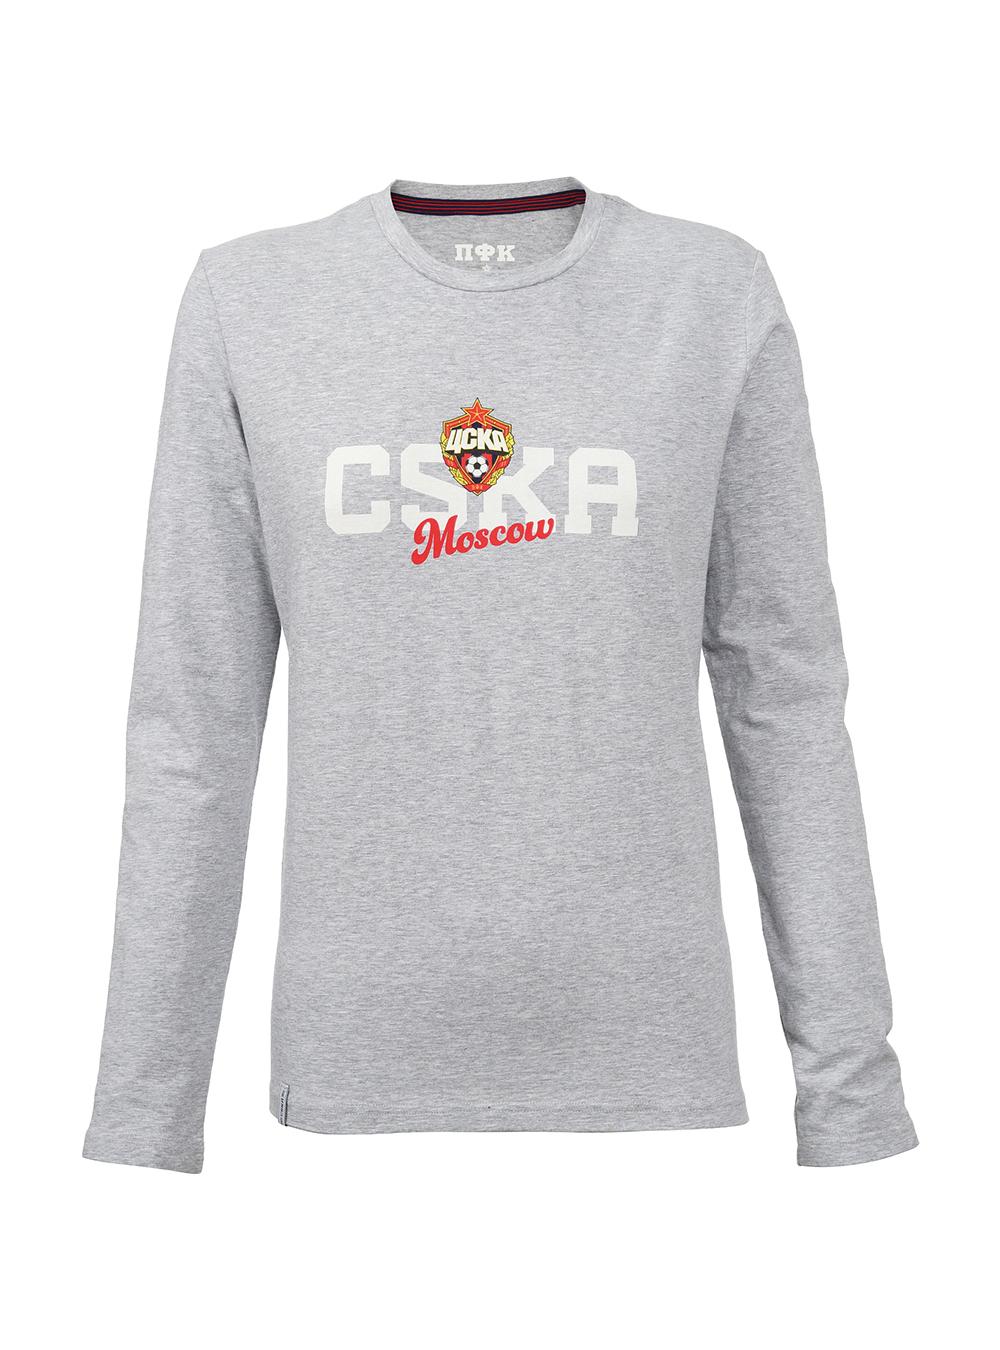 Купить Футболка с длинным рукавом женская «CSKA Mosсow», цвет серый (M) по Нижнему Новгороду